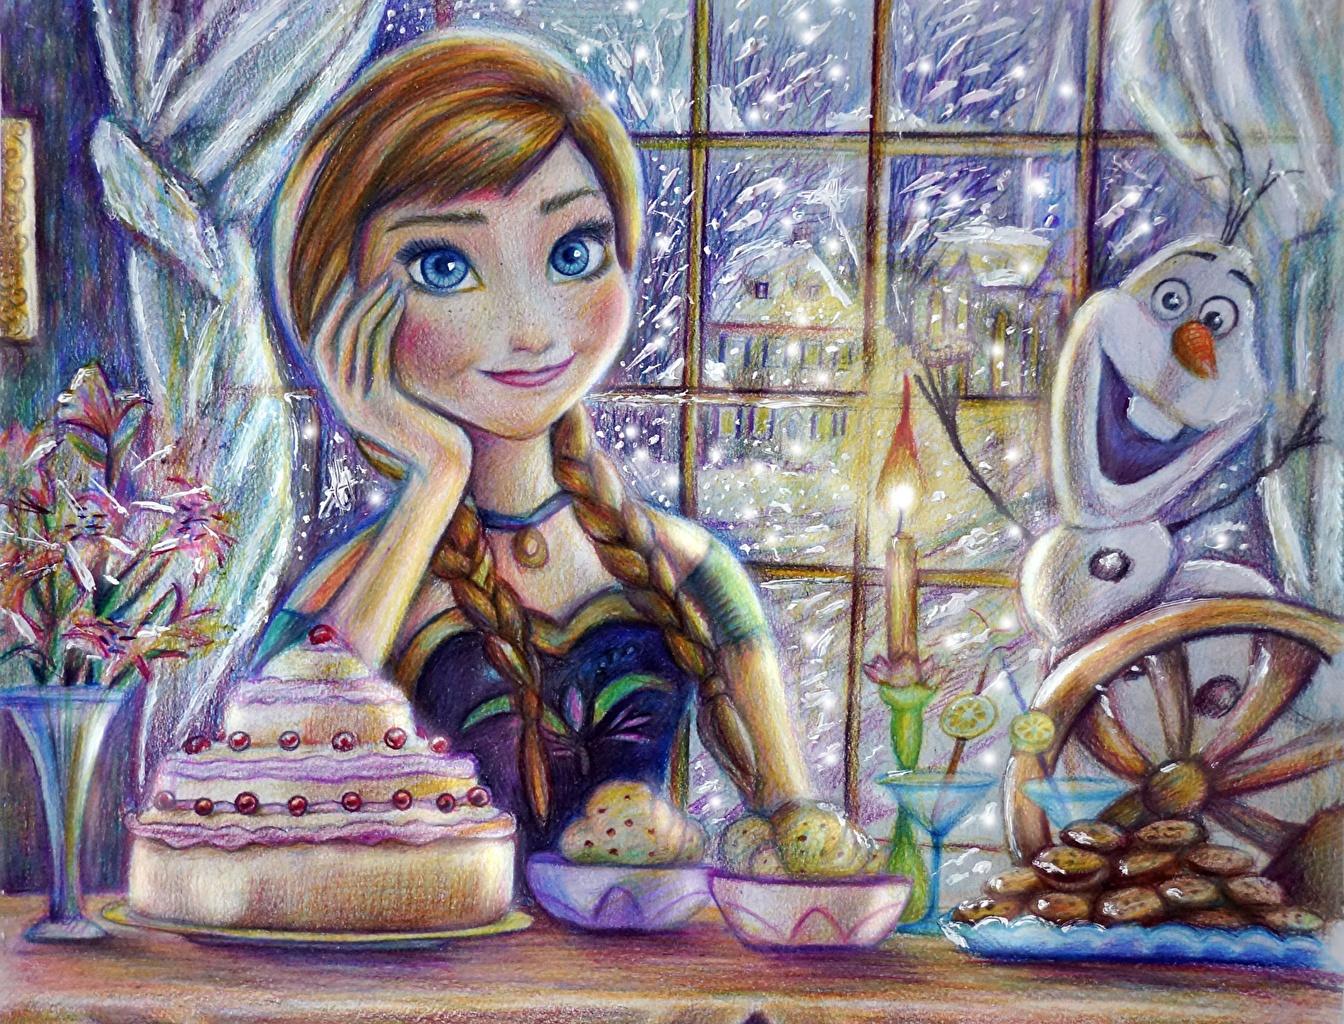 壁紙 アナと雪の女王 ディズニー 描かれた壁紙 Olaf Anna 三つ